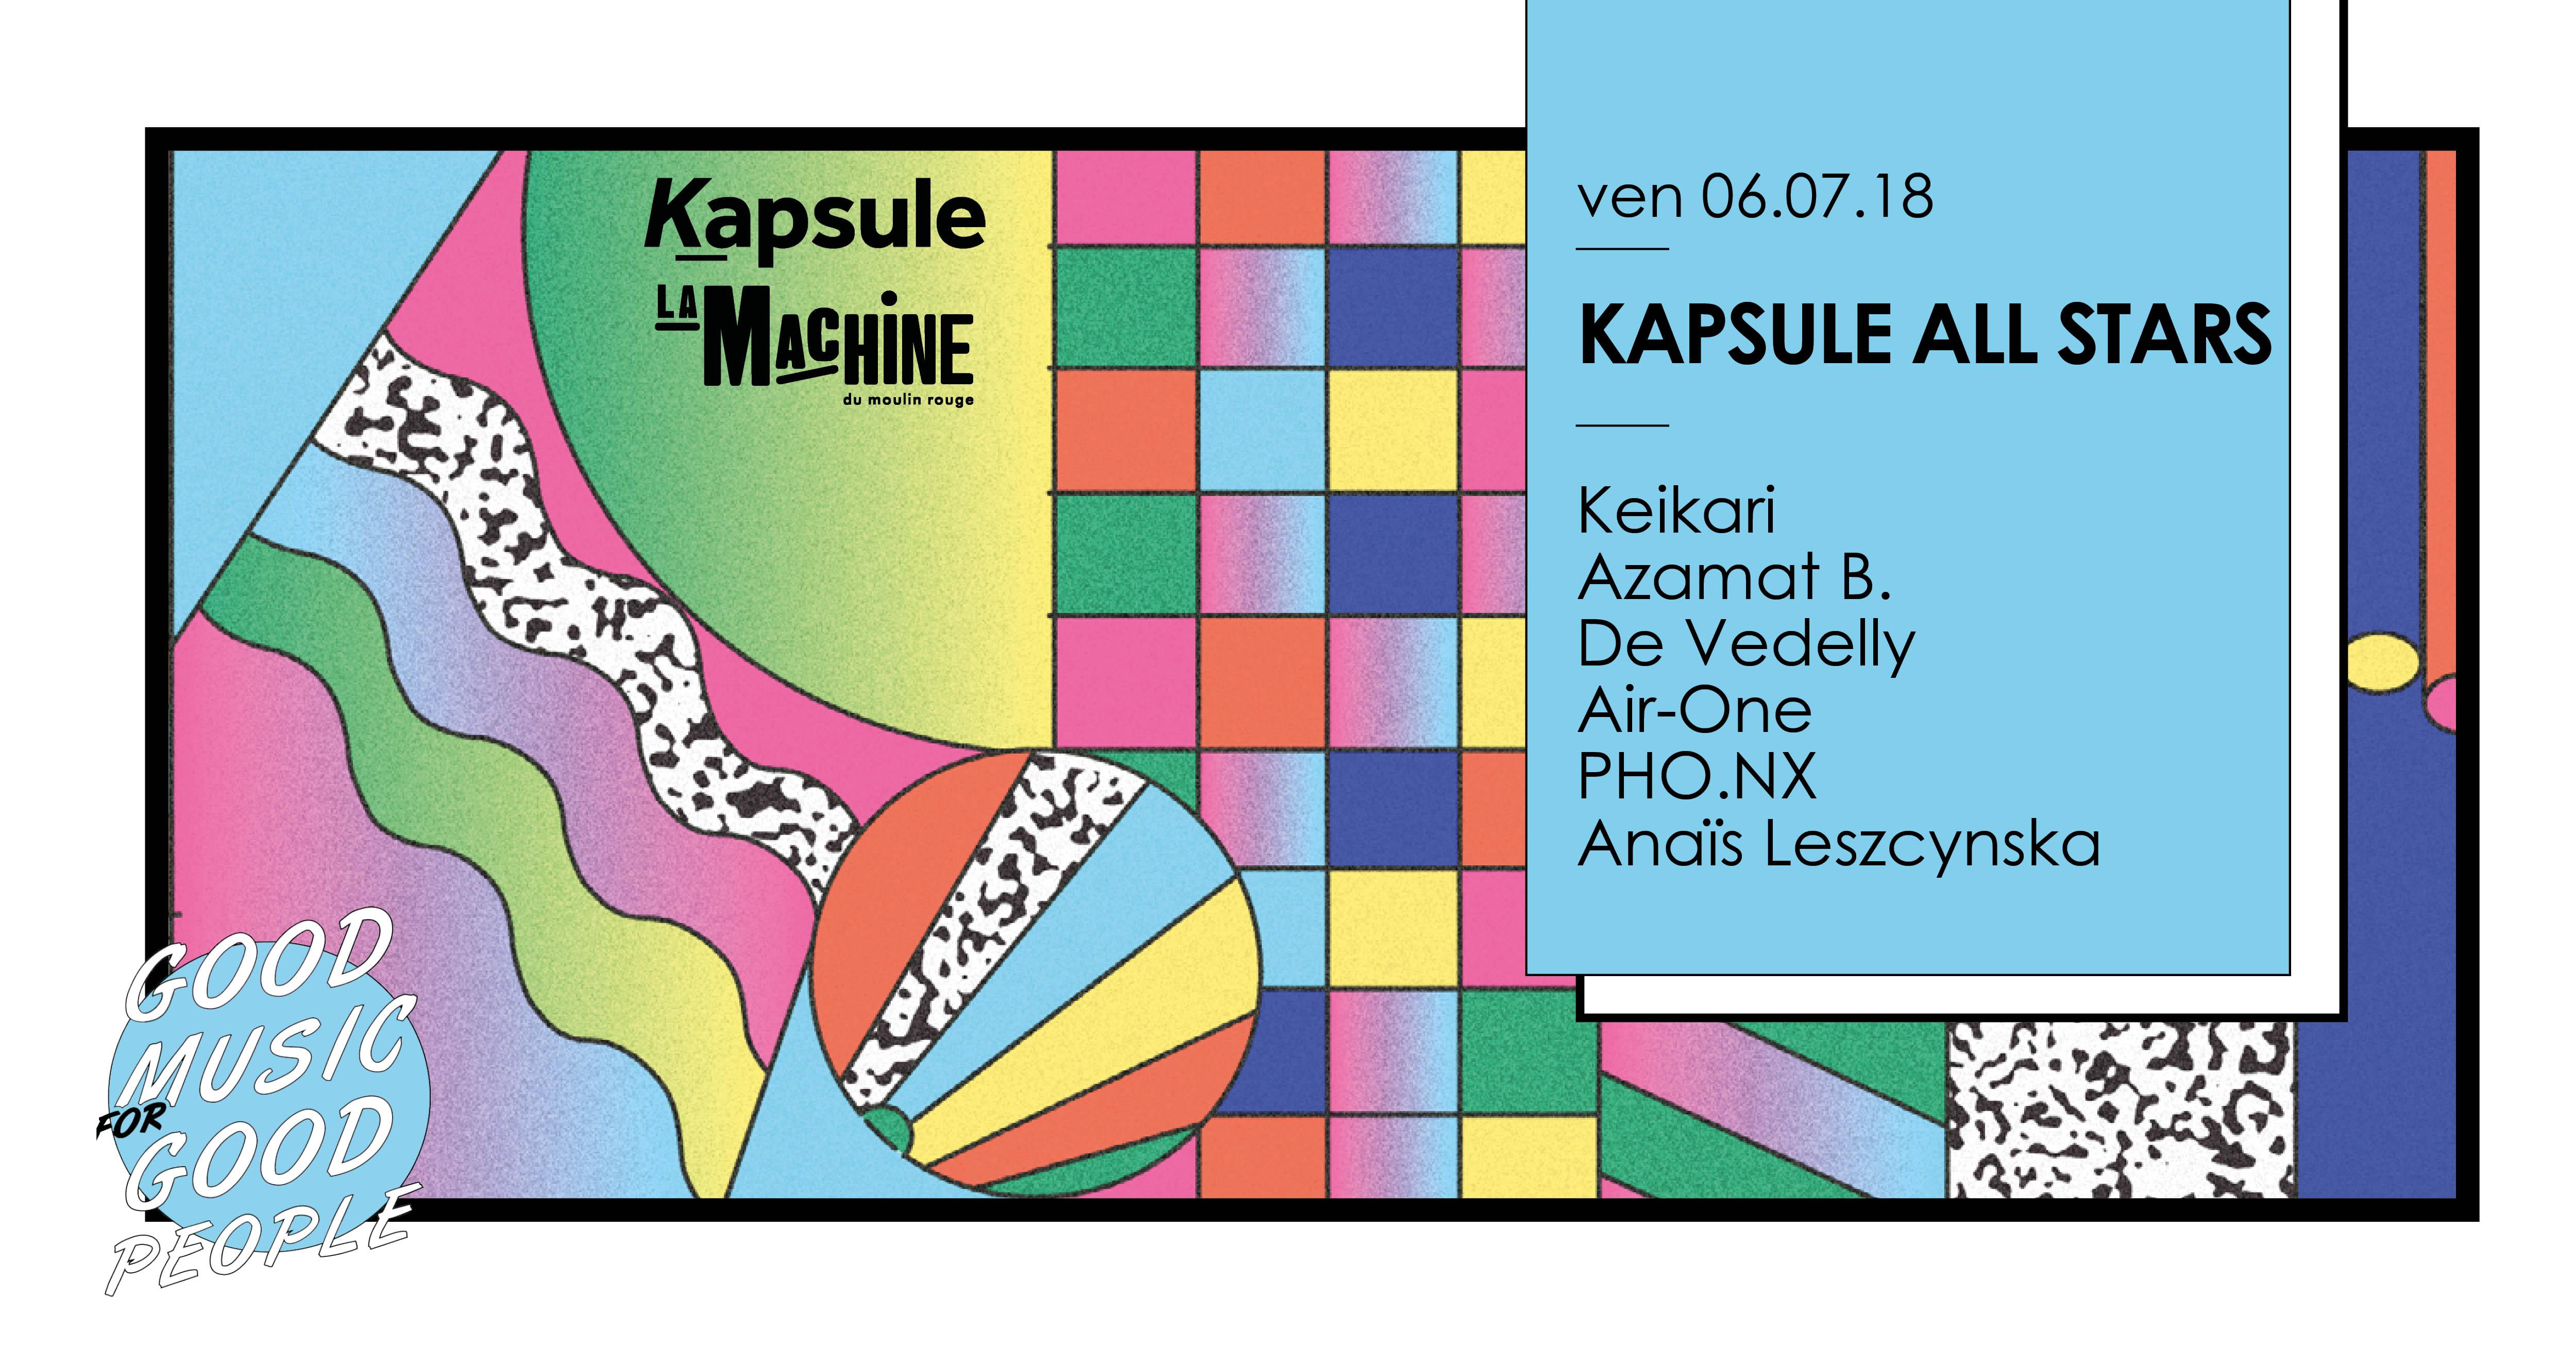 Kapsule : All Stars